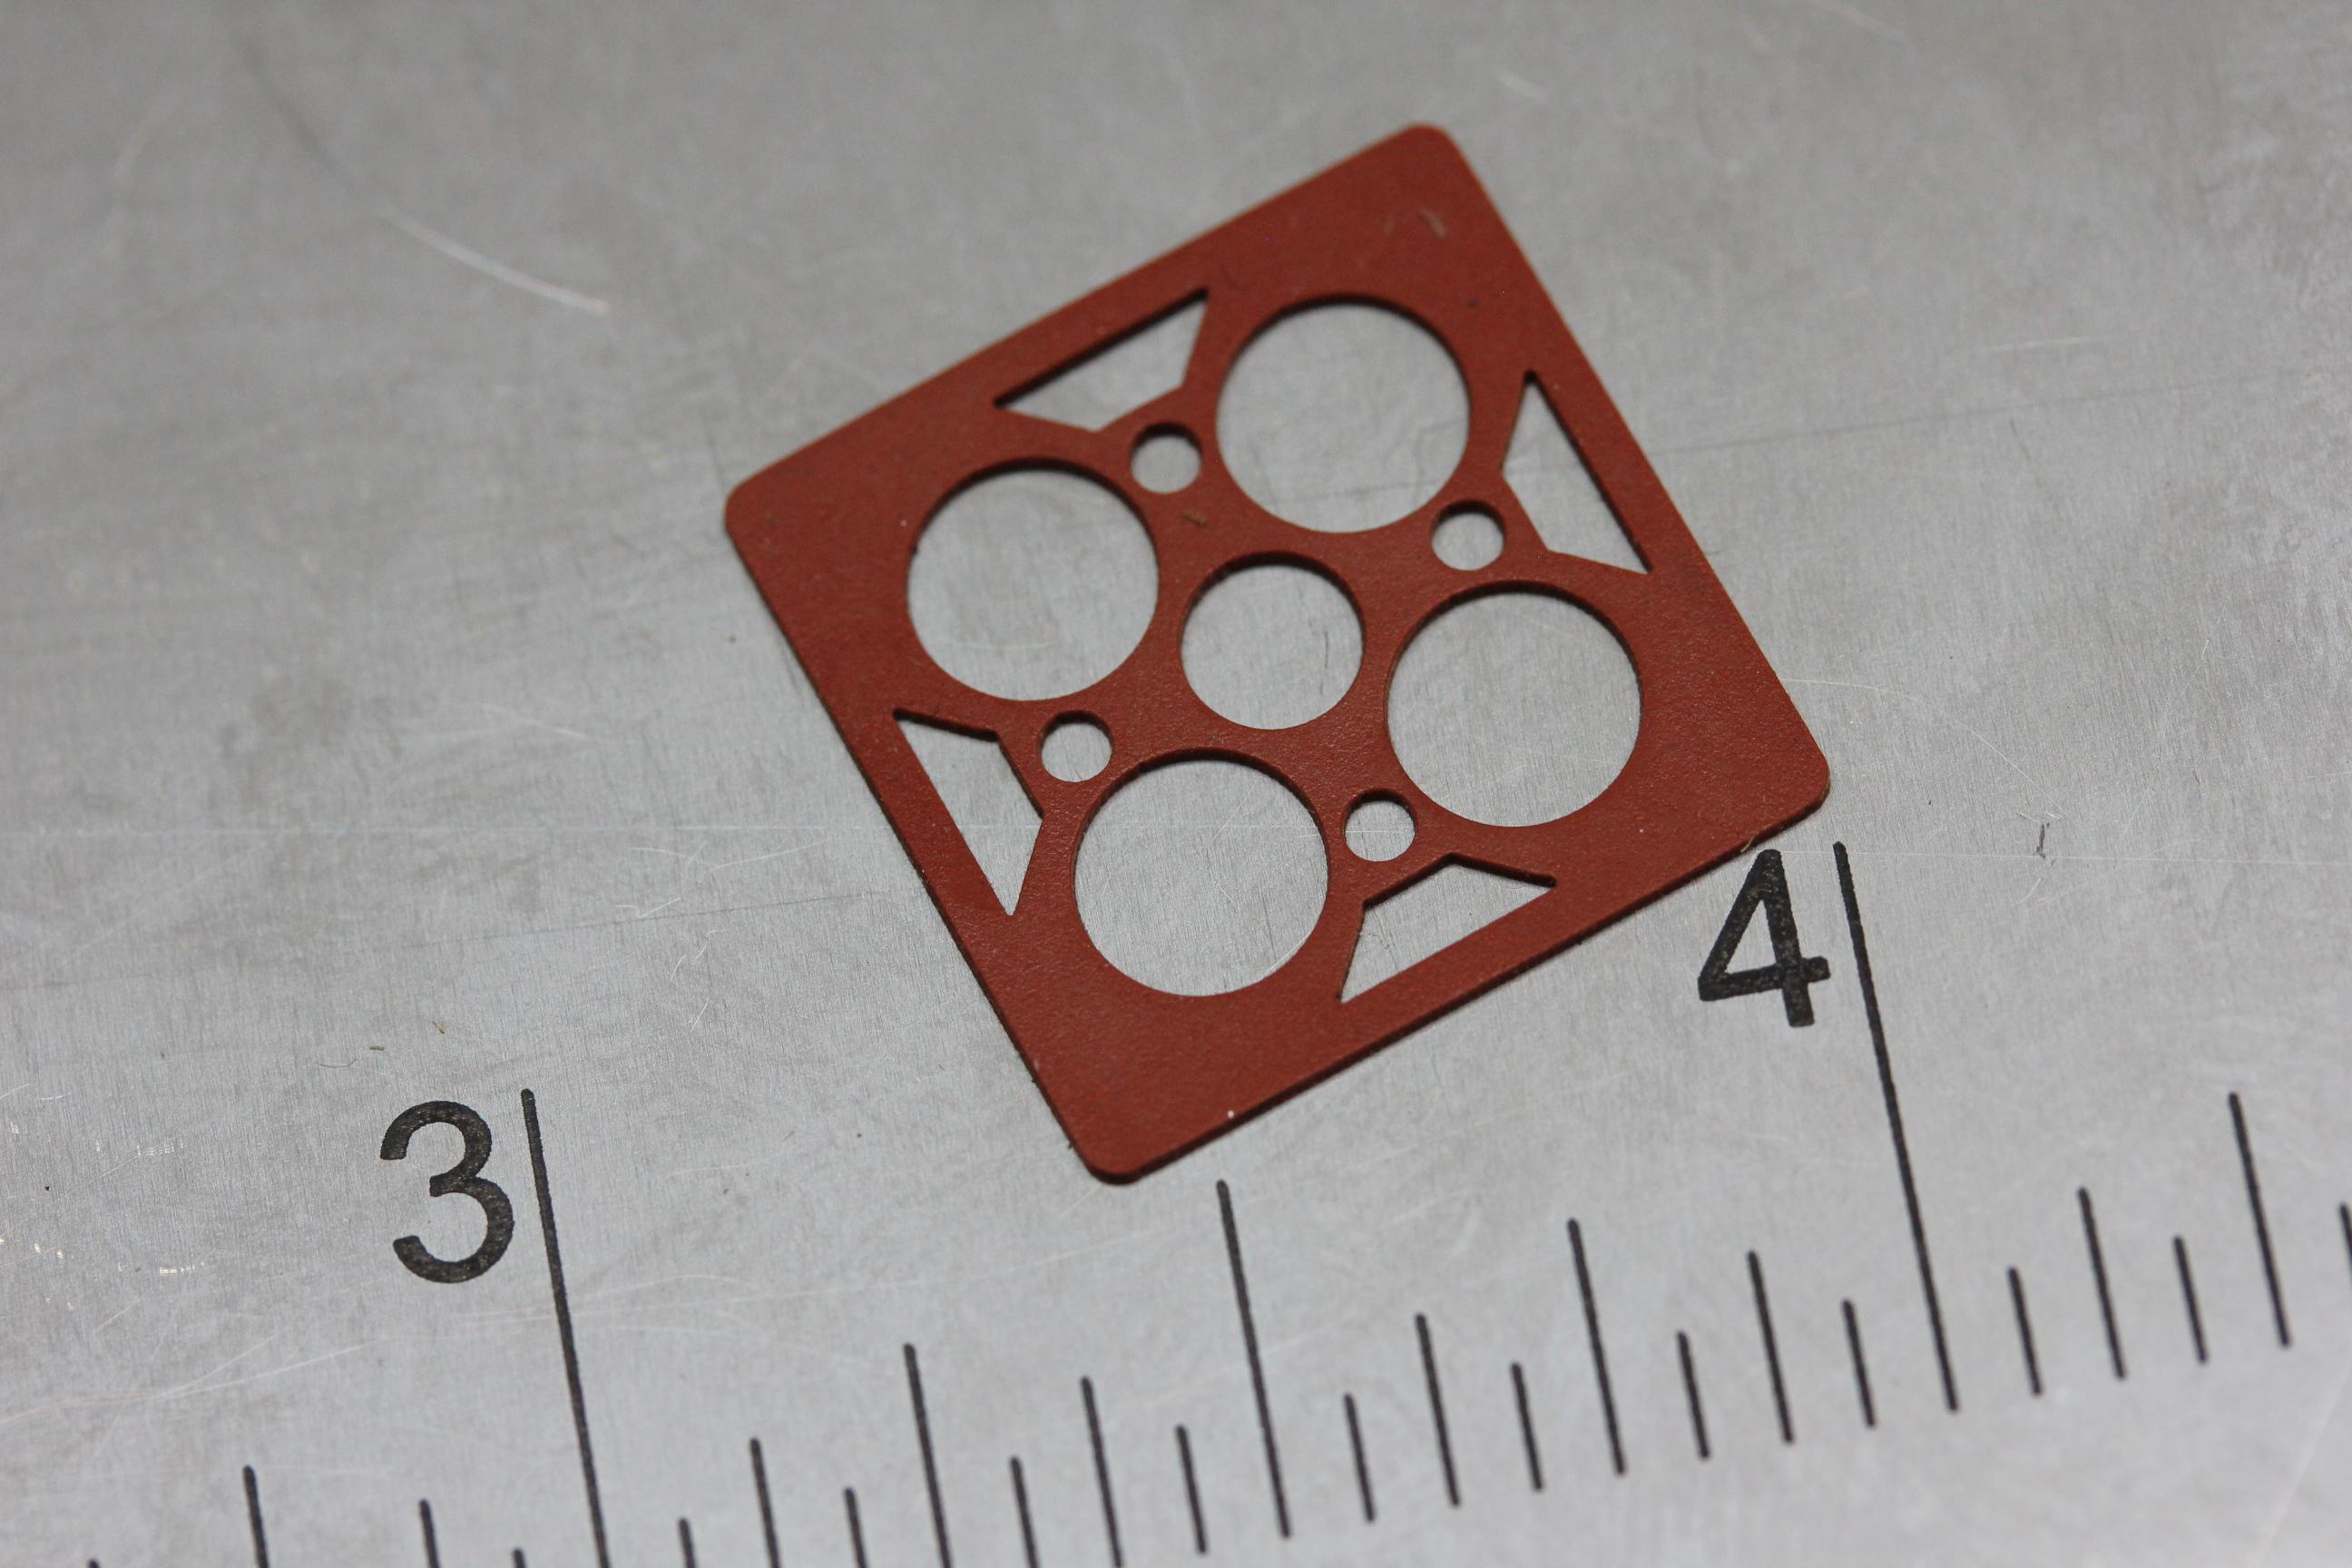 Industrial Grade Silicone Gasket